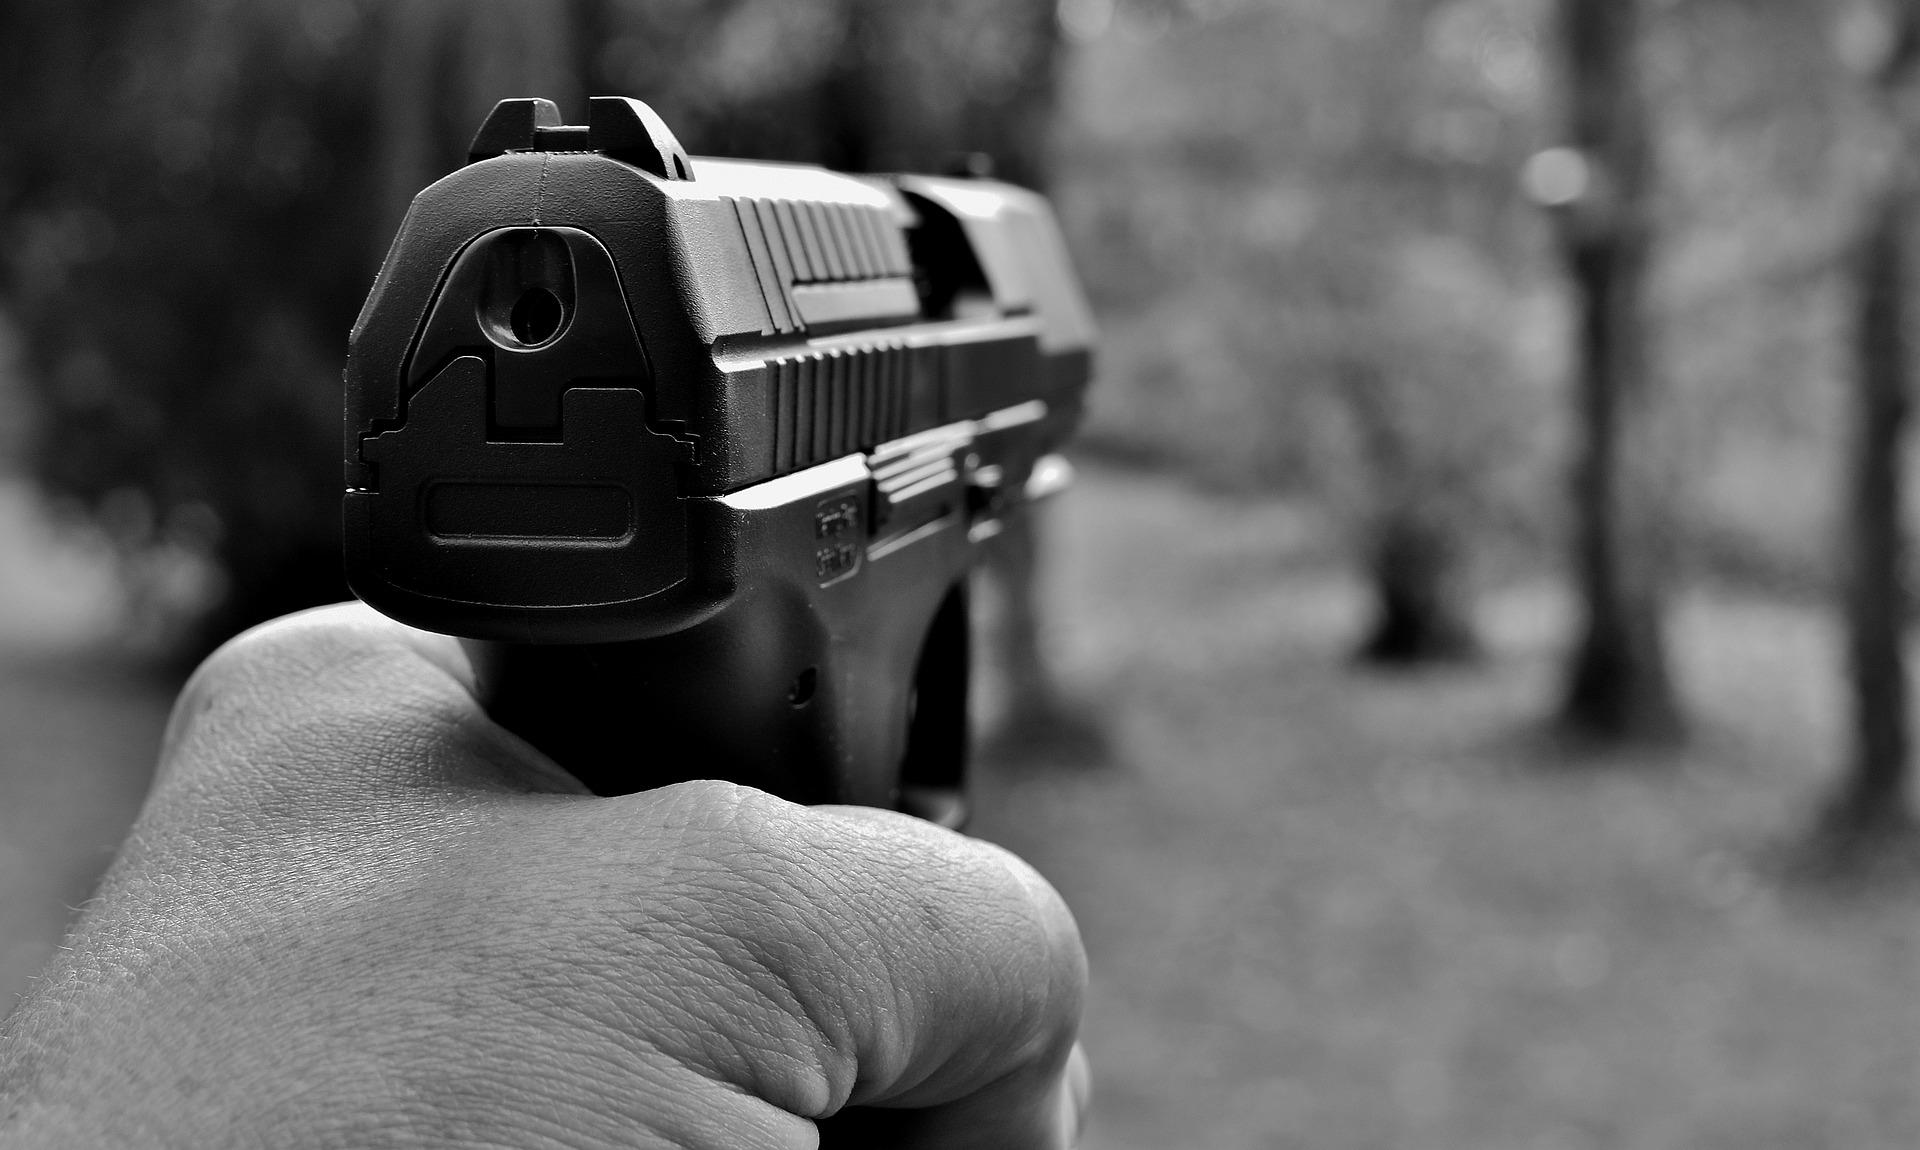 Mám zbroják, jsem střelec – výběr krátké zbraně